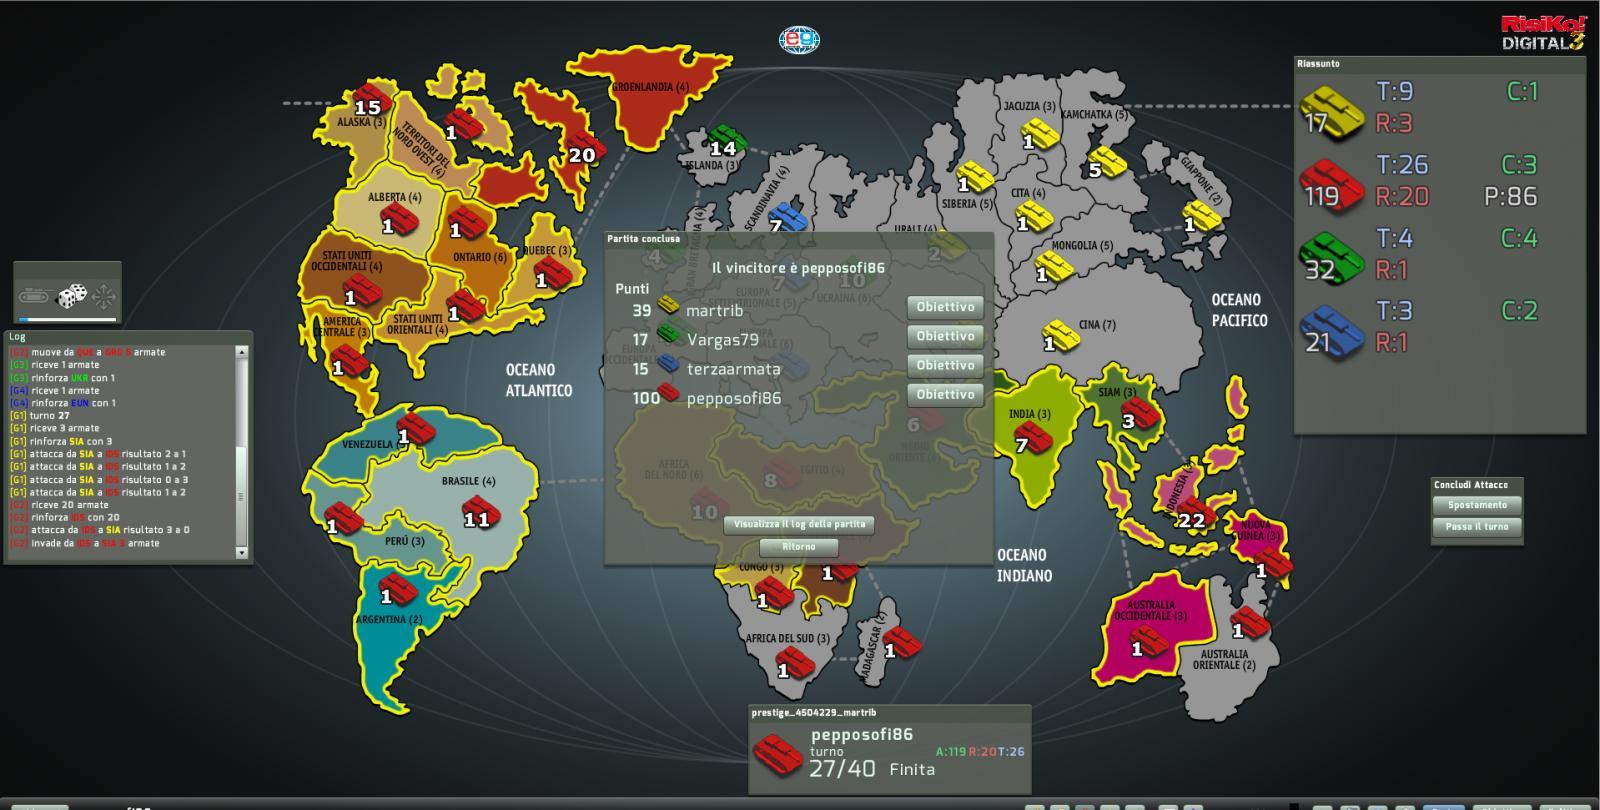 Nome:   risiko 2021-02-24 .jpg Visite:  176 Grandezza:  166.3 KB